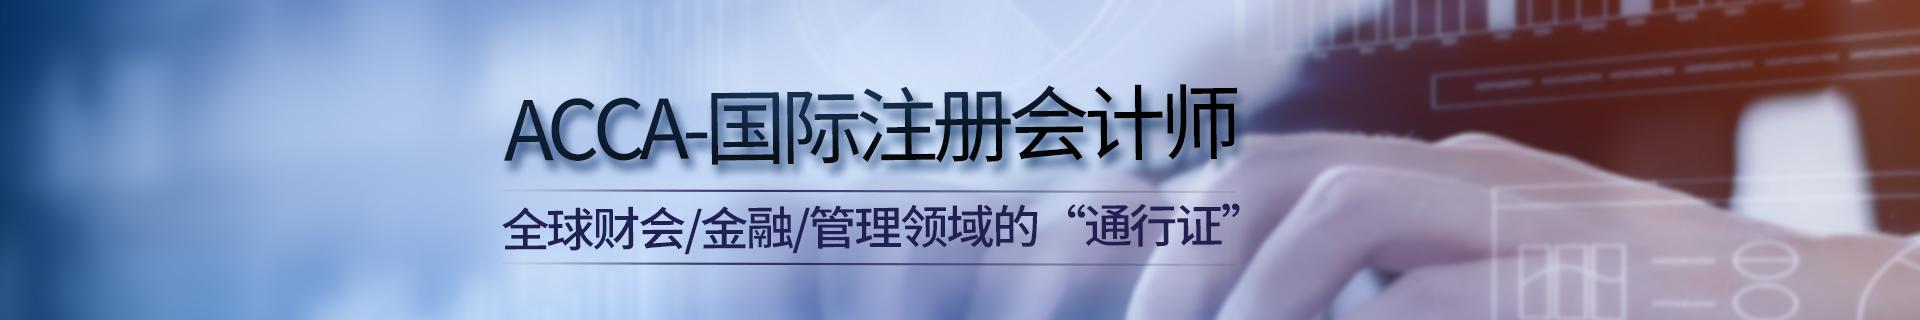 杭州CMA培训机构下沙校区